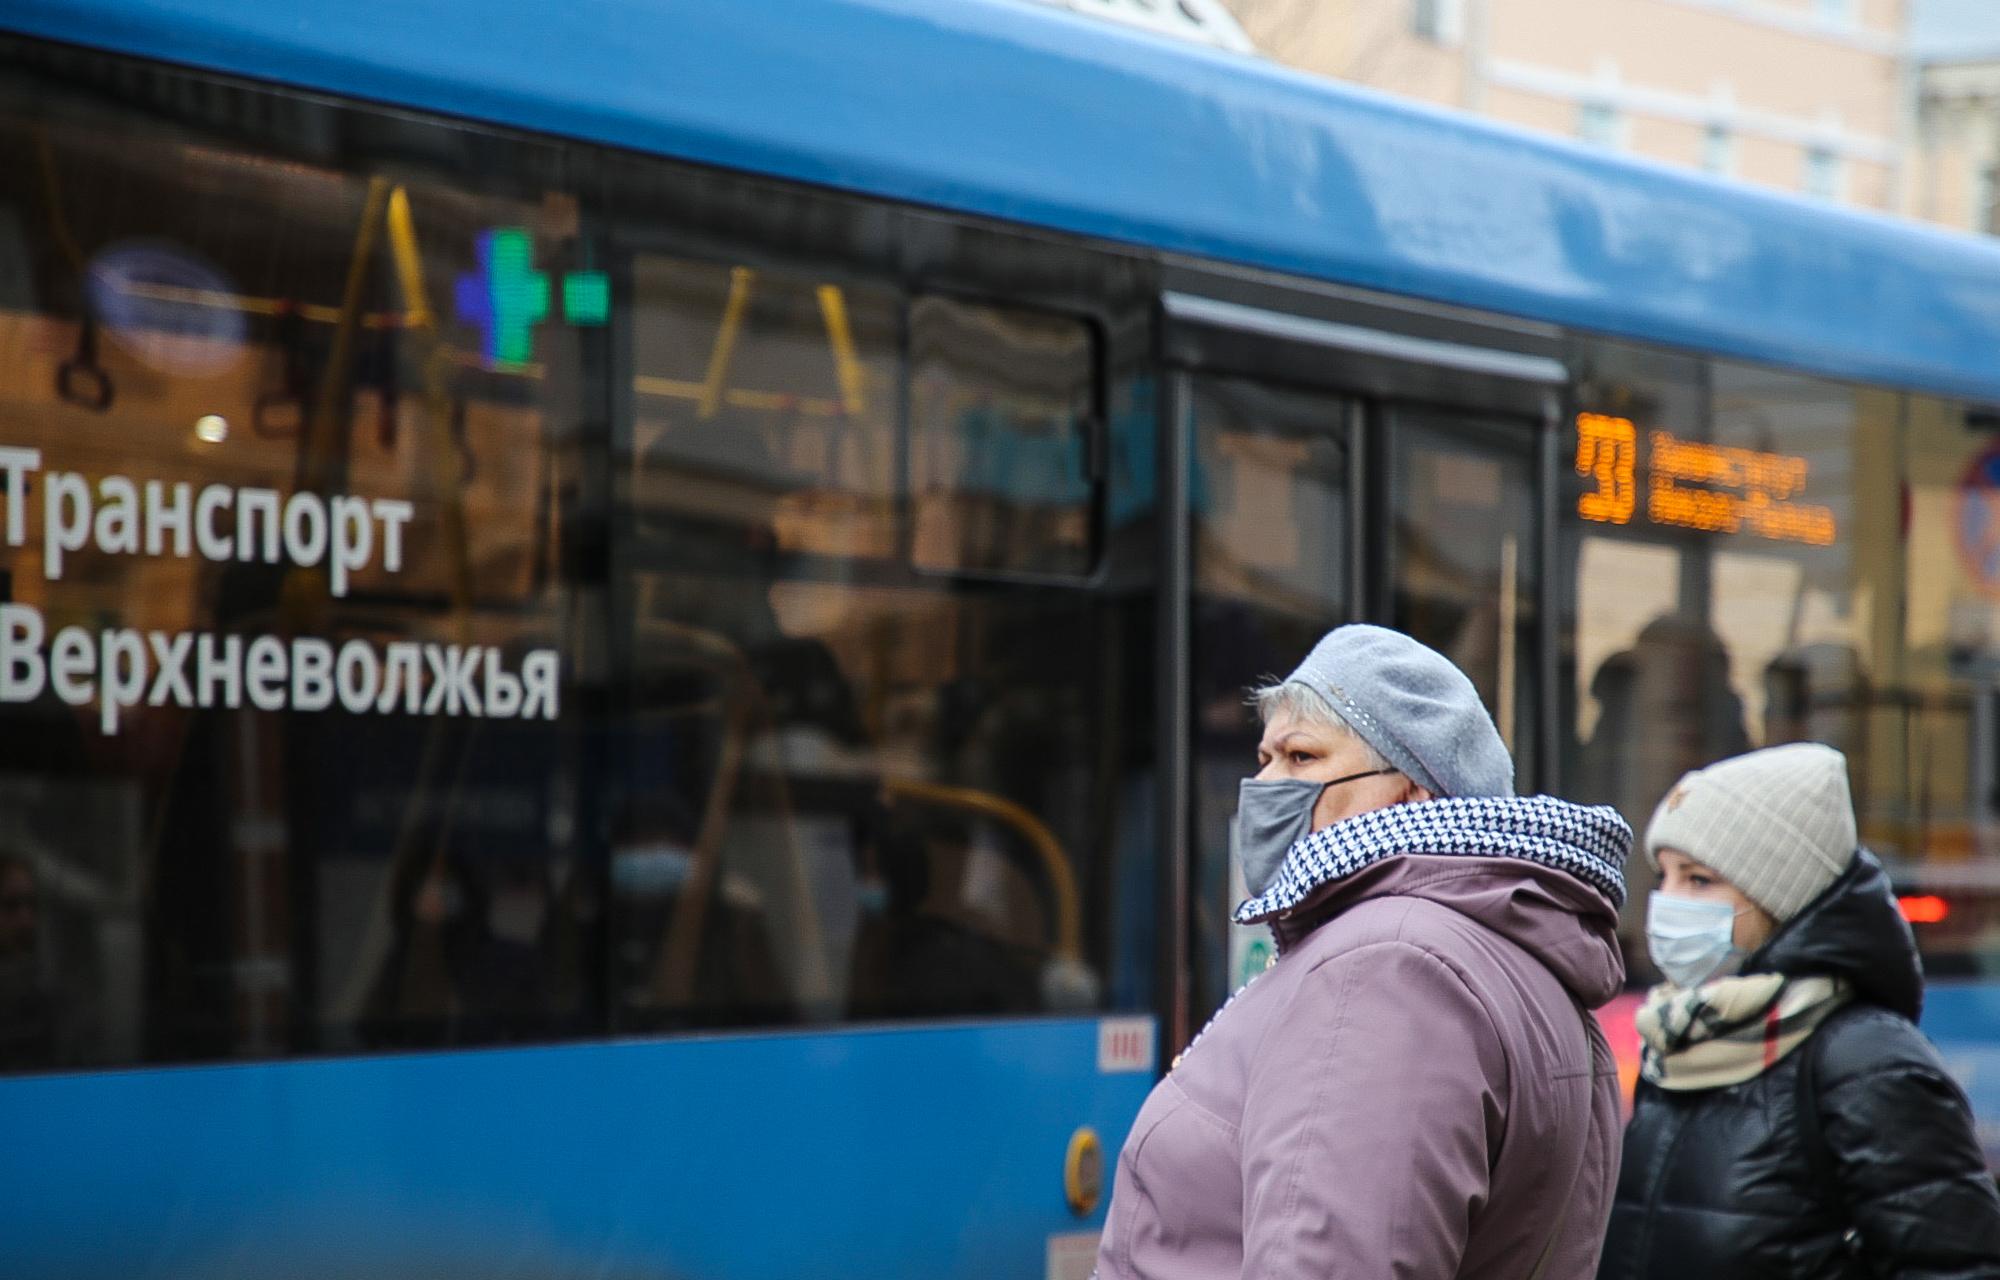 """В """"Транспорте Верхневолжья"""" бесплатно раздадут 13 тысяч защитных масок"""